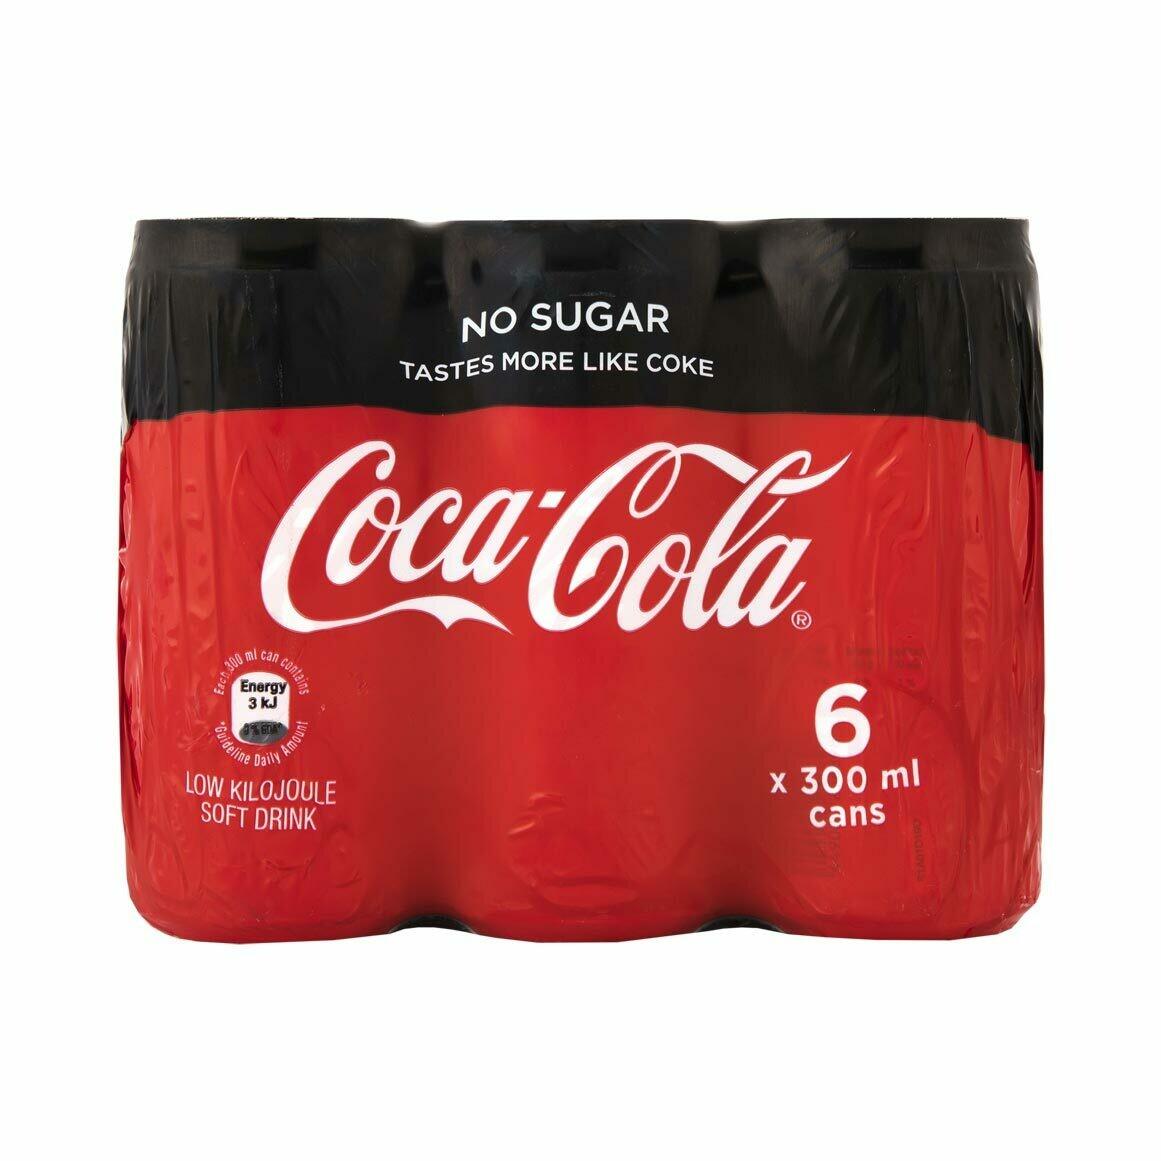 Coca Cola No Sugar Can 6x300ml